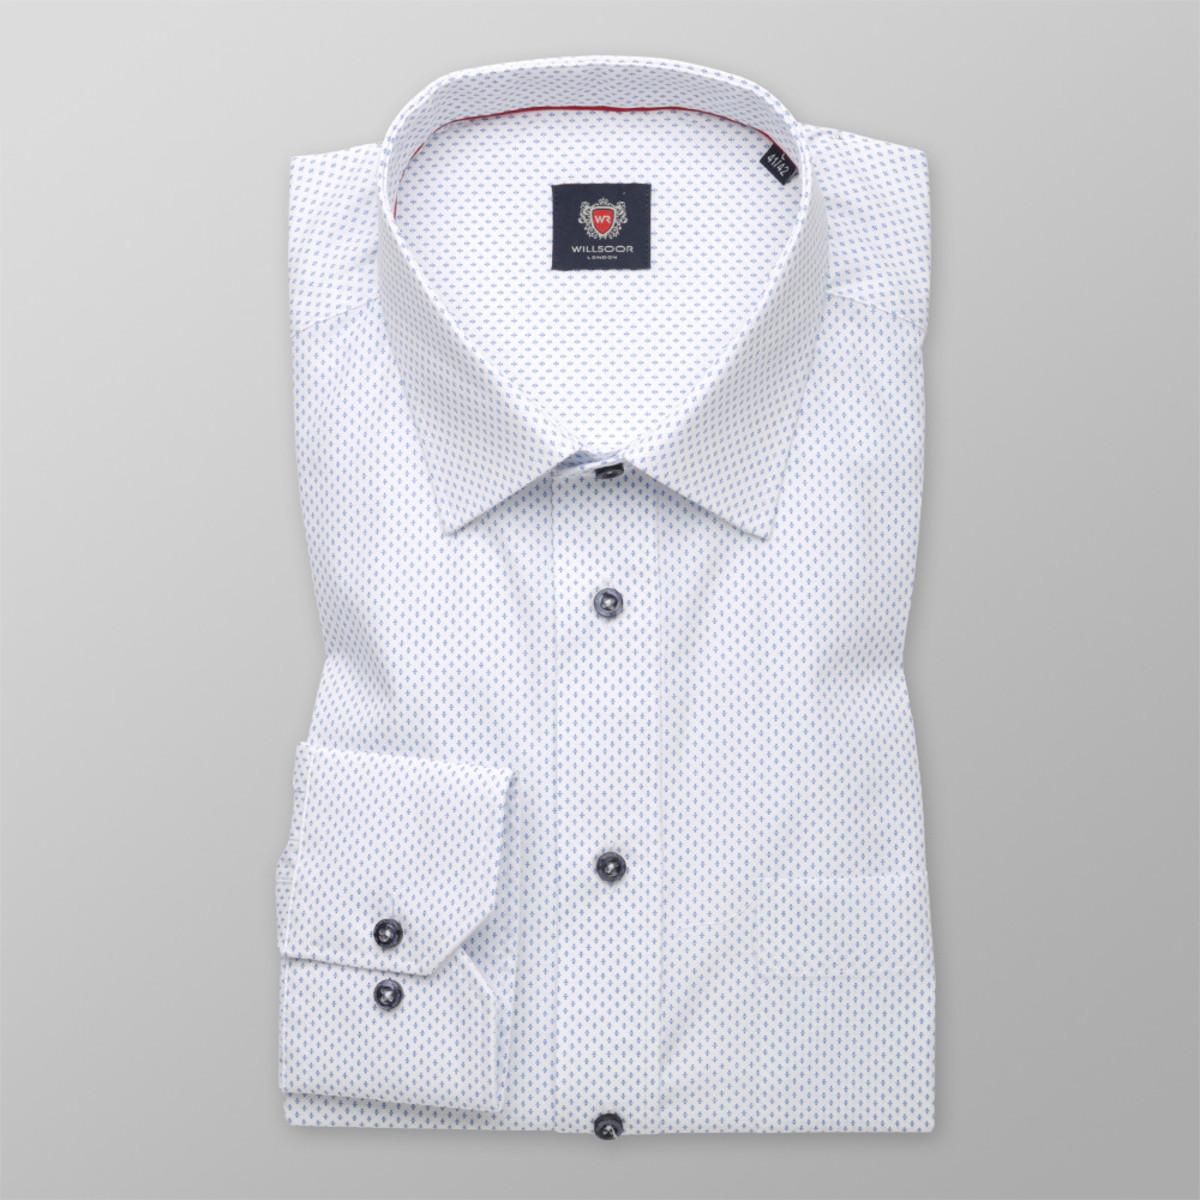 Košile London bílé barvy (výška 164-170) 9846 164-170 / L (41/42)